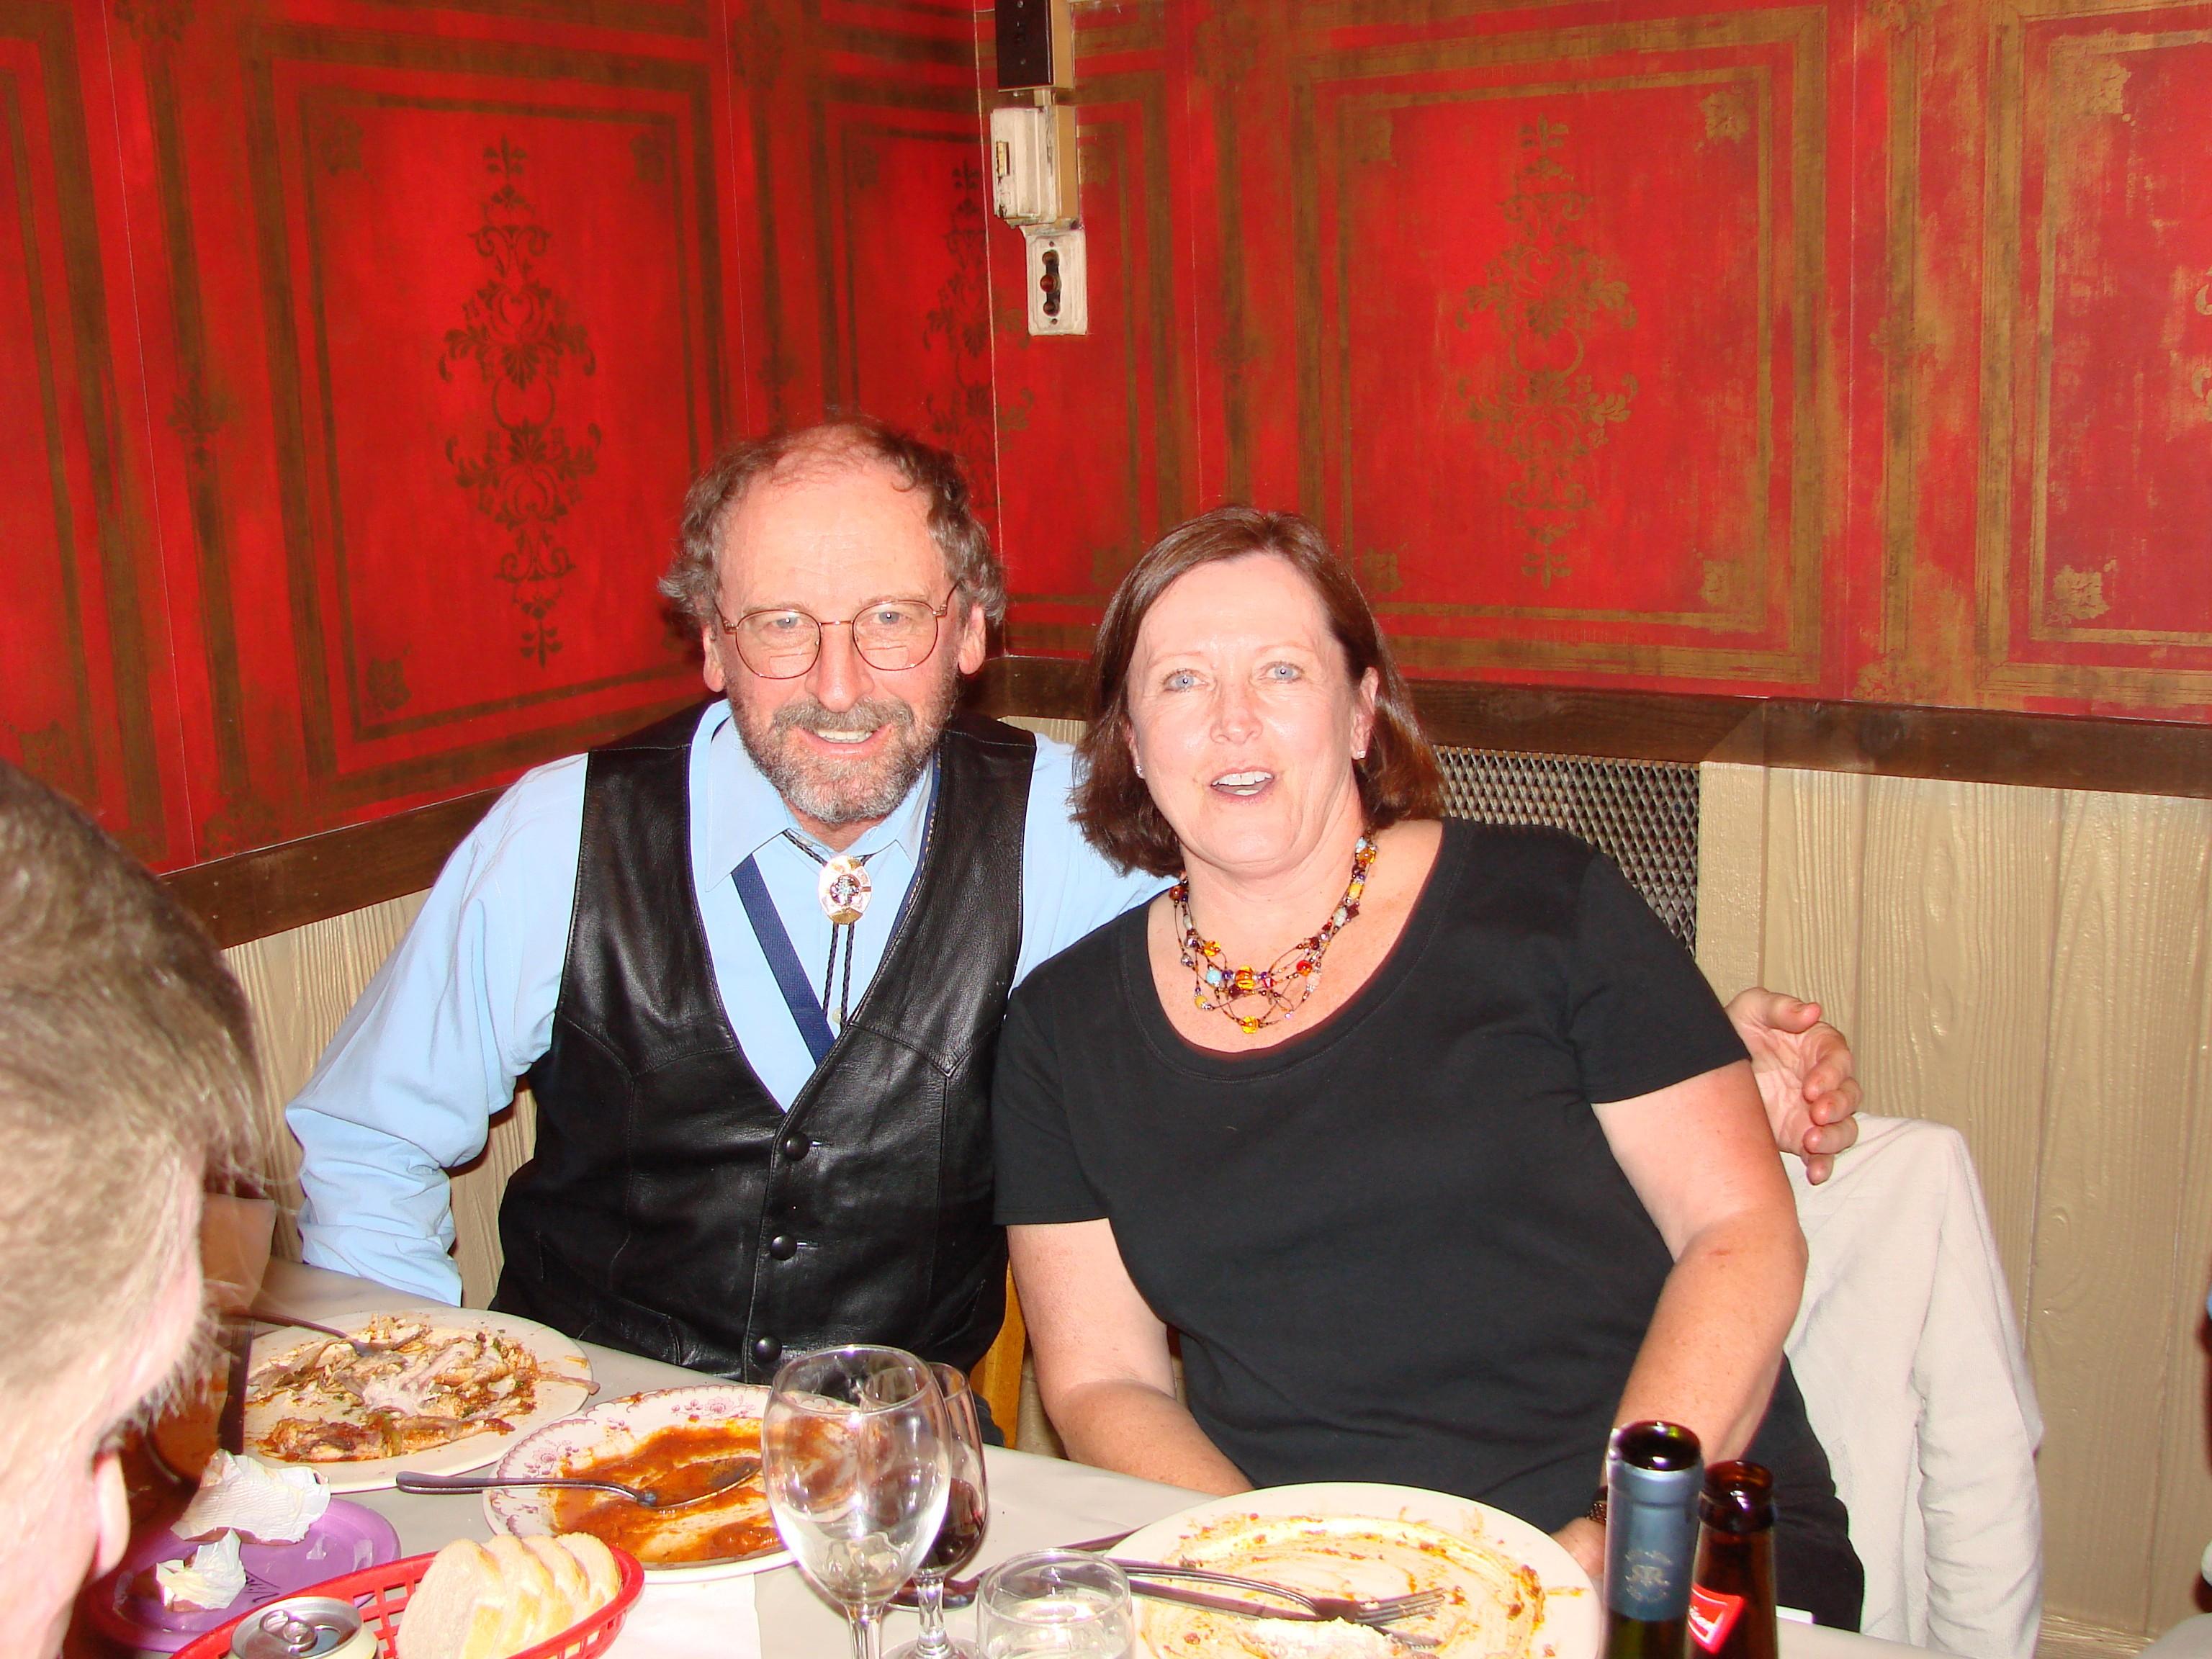 John McCoy and Maureen McAtee at Sunny Italy